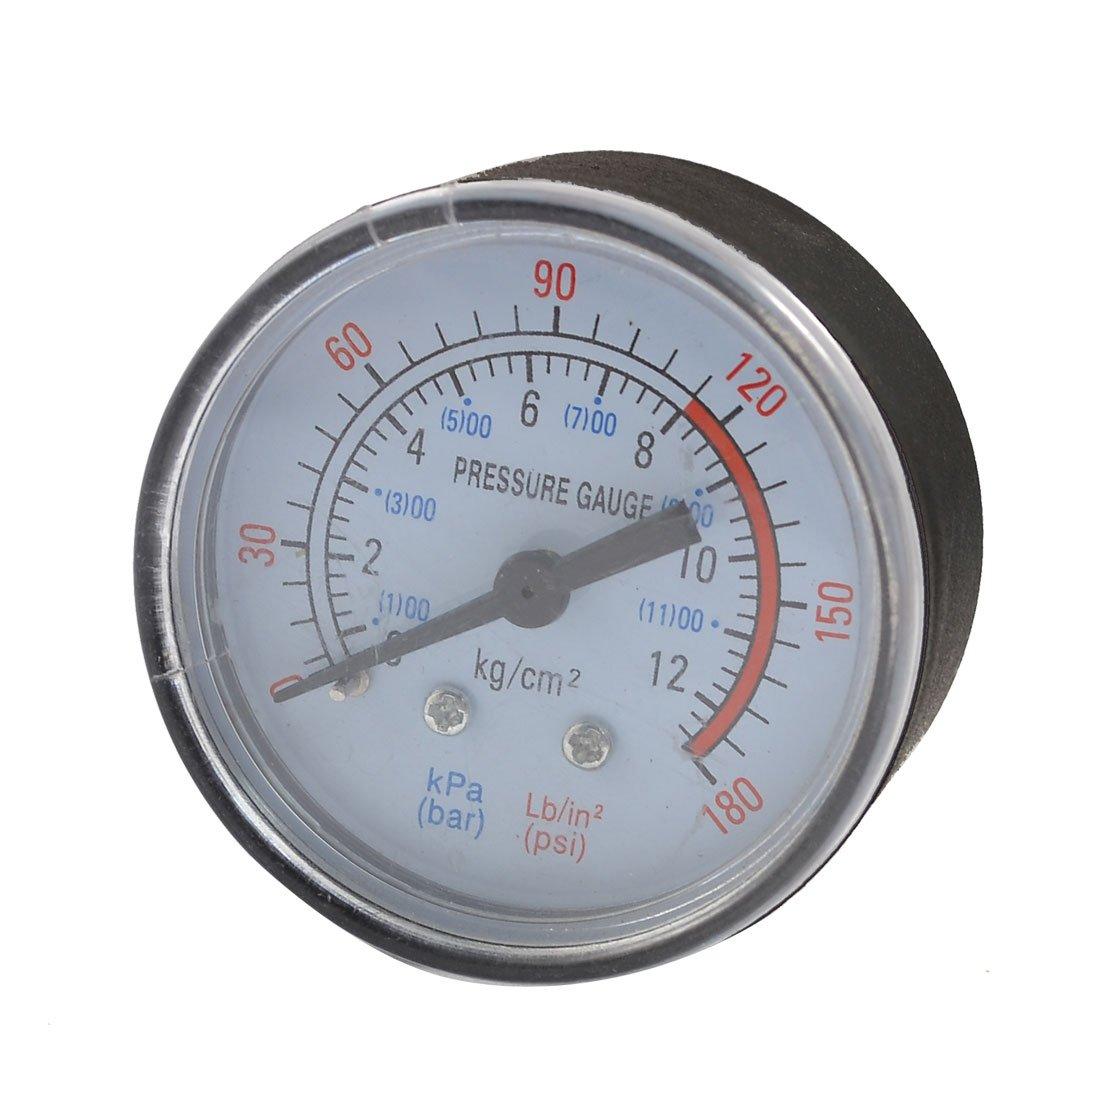 0– 180 Psi 0– 12 bar schwarz Kunststoff Shell Luftdruck Messuhr Sourcingmap a12052200ux0121